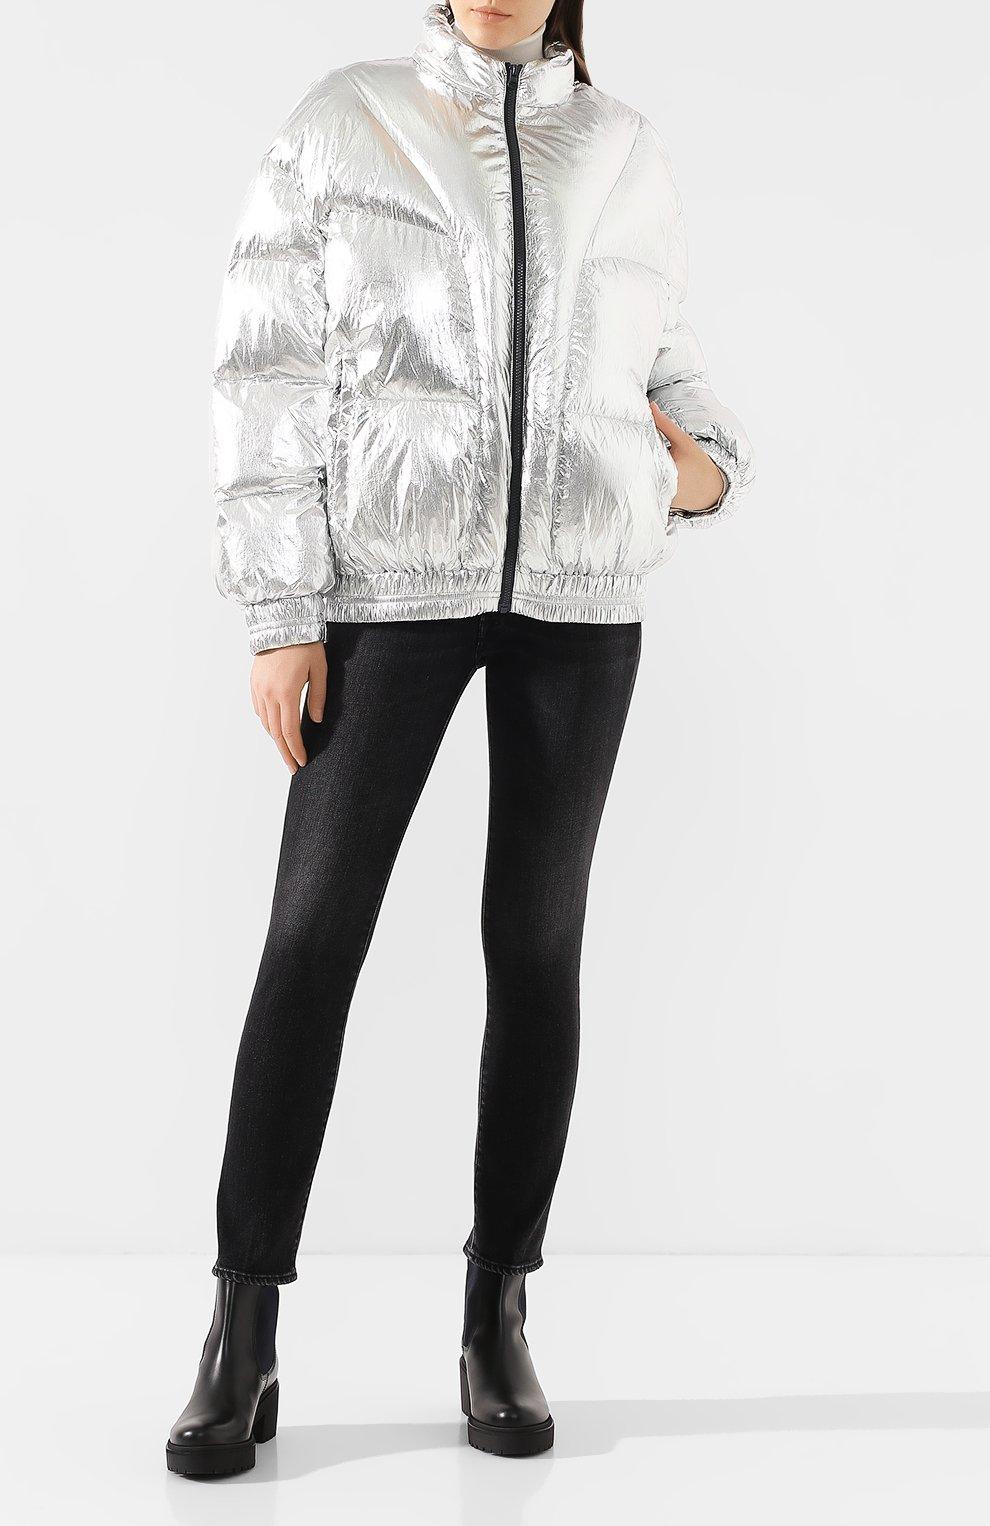 Женский утепленная куртка ISABEL MARANT ETOILE серебряного цвета, арт. MA0592-19A074E/KRISTEN | Фото 2 (Кросс-КТ: Куртка, Пуховик; Рукава от горловины: Длинные; Рукава: Длинные; Женское Кросс-КТ: Пуховик-куртка; Материал внешний: Синтетический материал; Материал подклада: Синтетический материал; Статус проверки: Проверено, Проверена категория; Длина (верхняя одежда): Короткие)